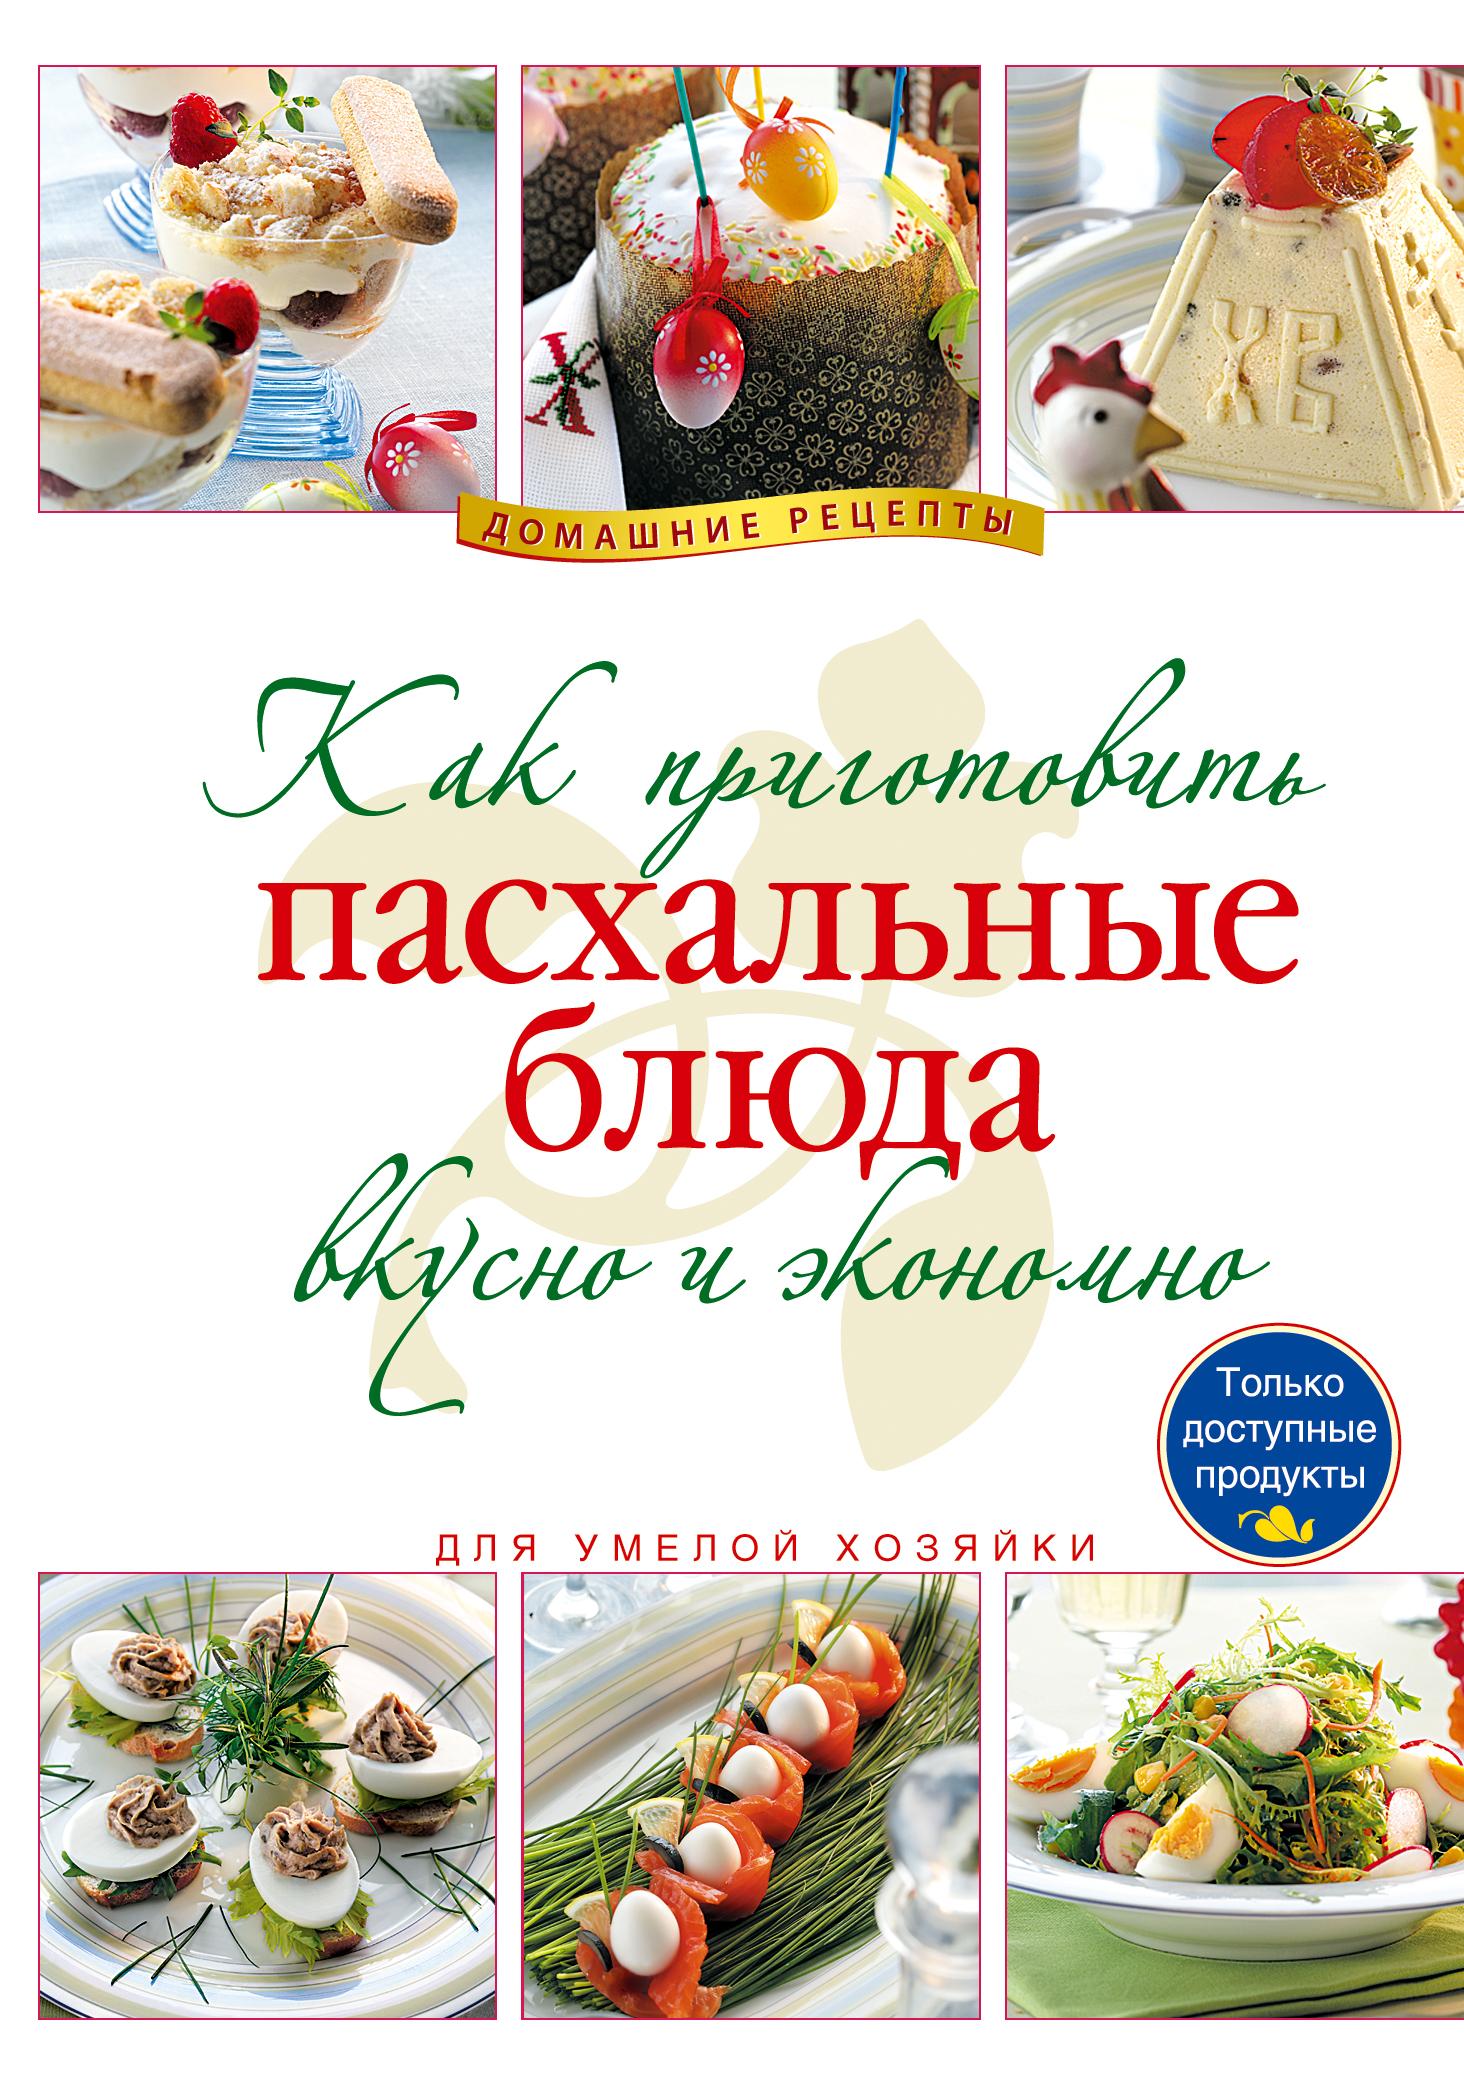 Как приготовить пасхальные блюда вкусно и экономно как приготовить птицу вкусно и экономно